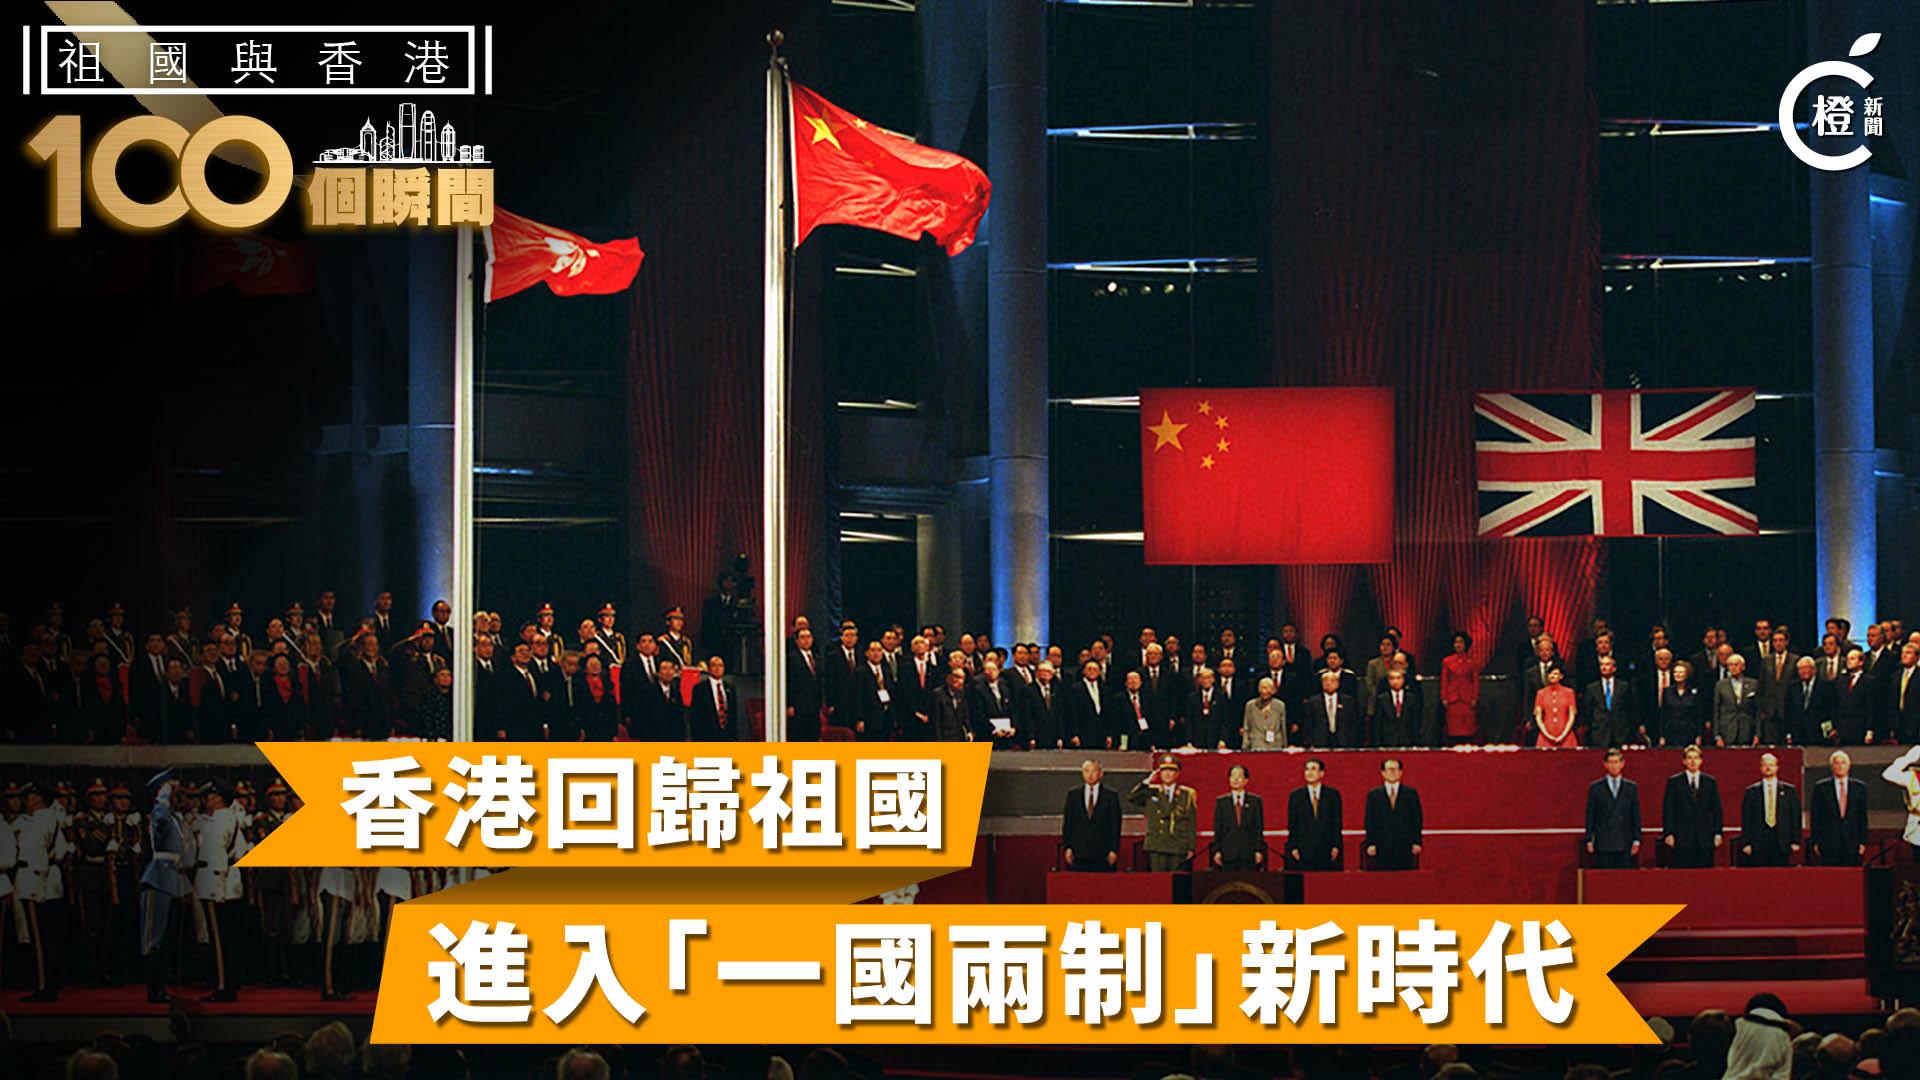 【祖國與香港100個瞬間】香港回歸祖國 進入「一國兩制」新時代